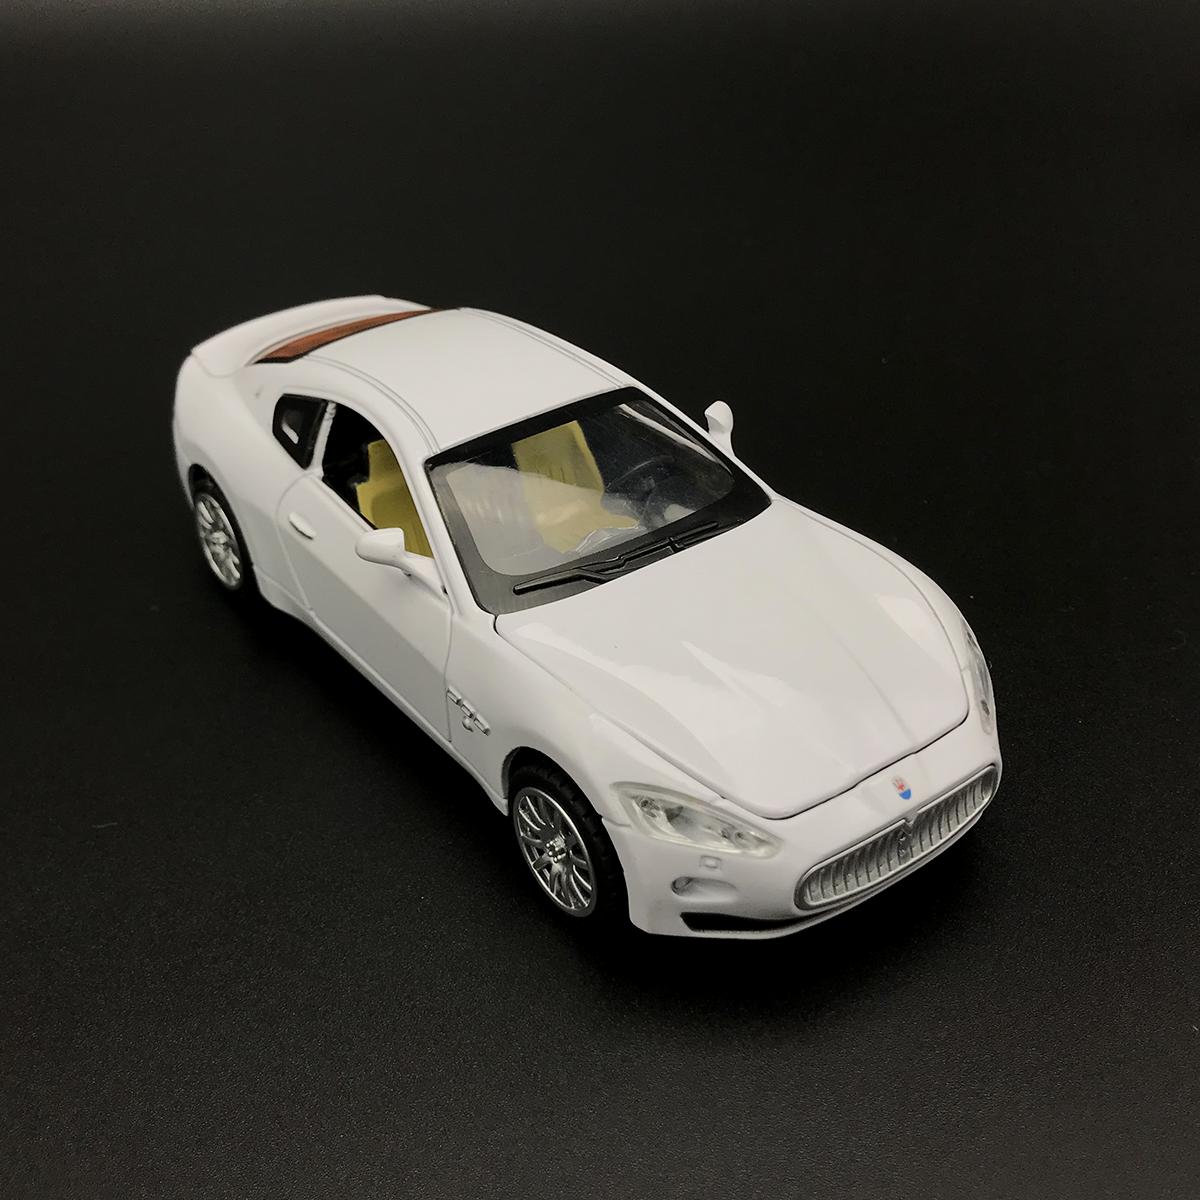 1:32 Mô phỏng Chủ tịch Maserati Hợp kim Xe mô hình Cửa hàng Đồ chơi trẻ em Âm thanh và Ánh sáng Trang trí nhà - Chế độ tĩnh